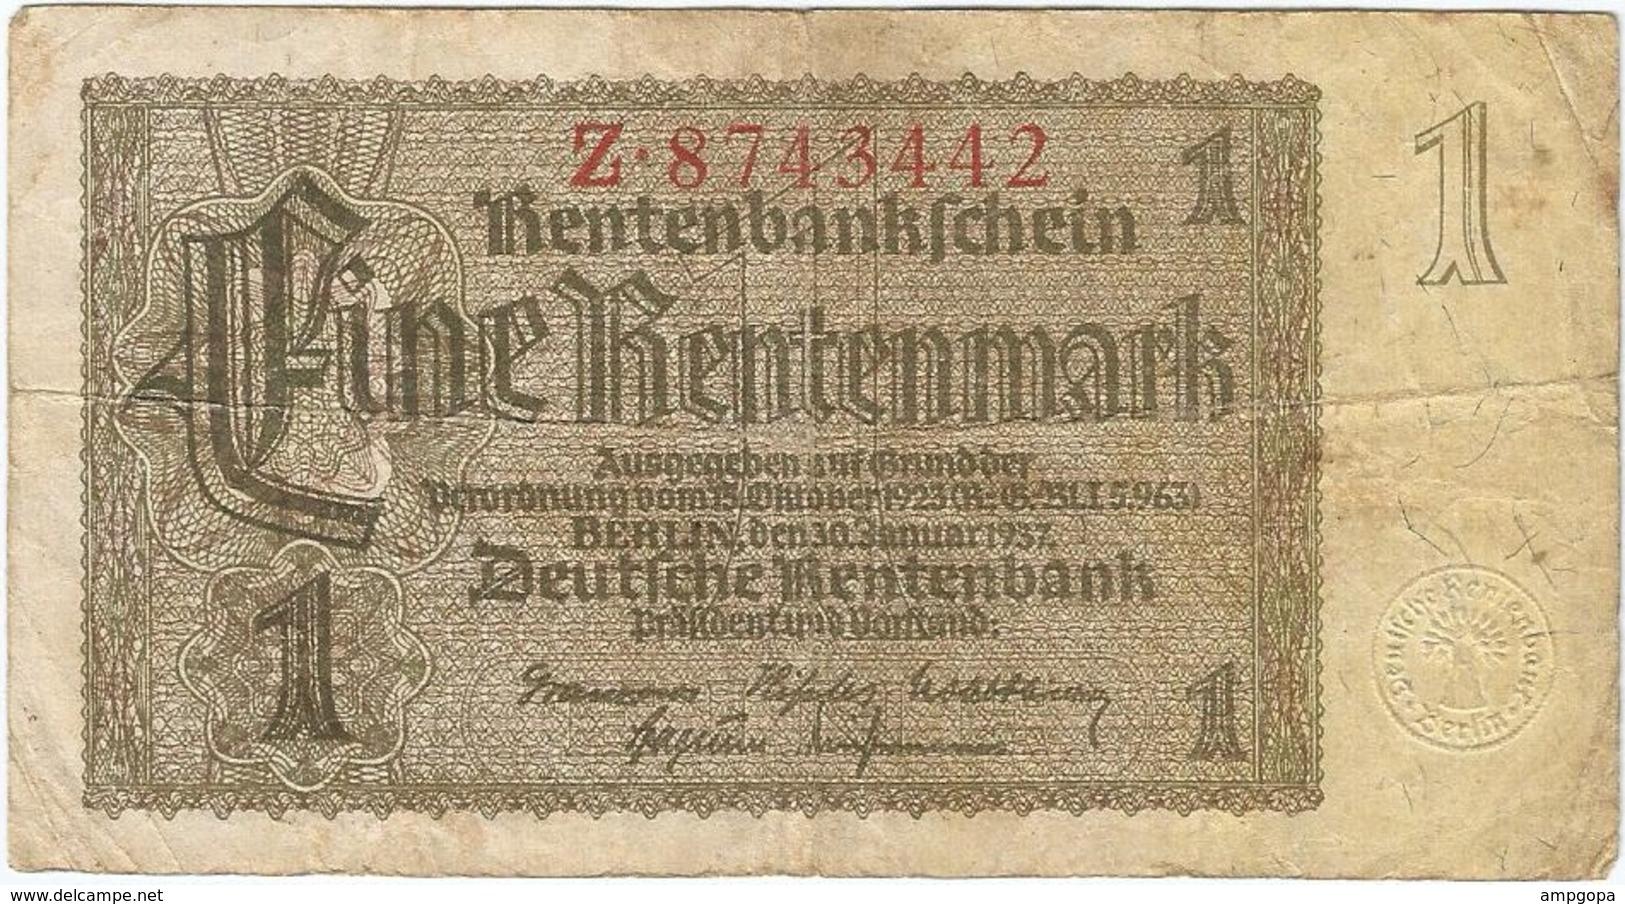 Alemania - Germany 1 Rentenmark 30-1-1937 Pick 173a 7 Dígitos Ref 2985-2 - [ 4] 1933-1945 : Terzo  Reich